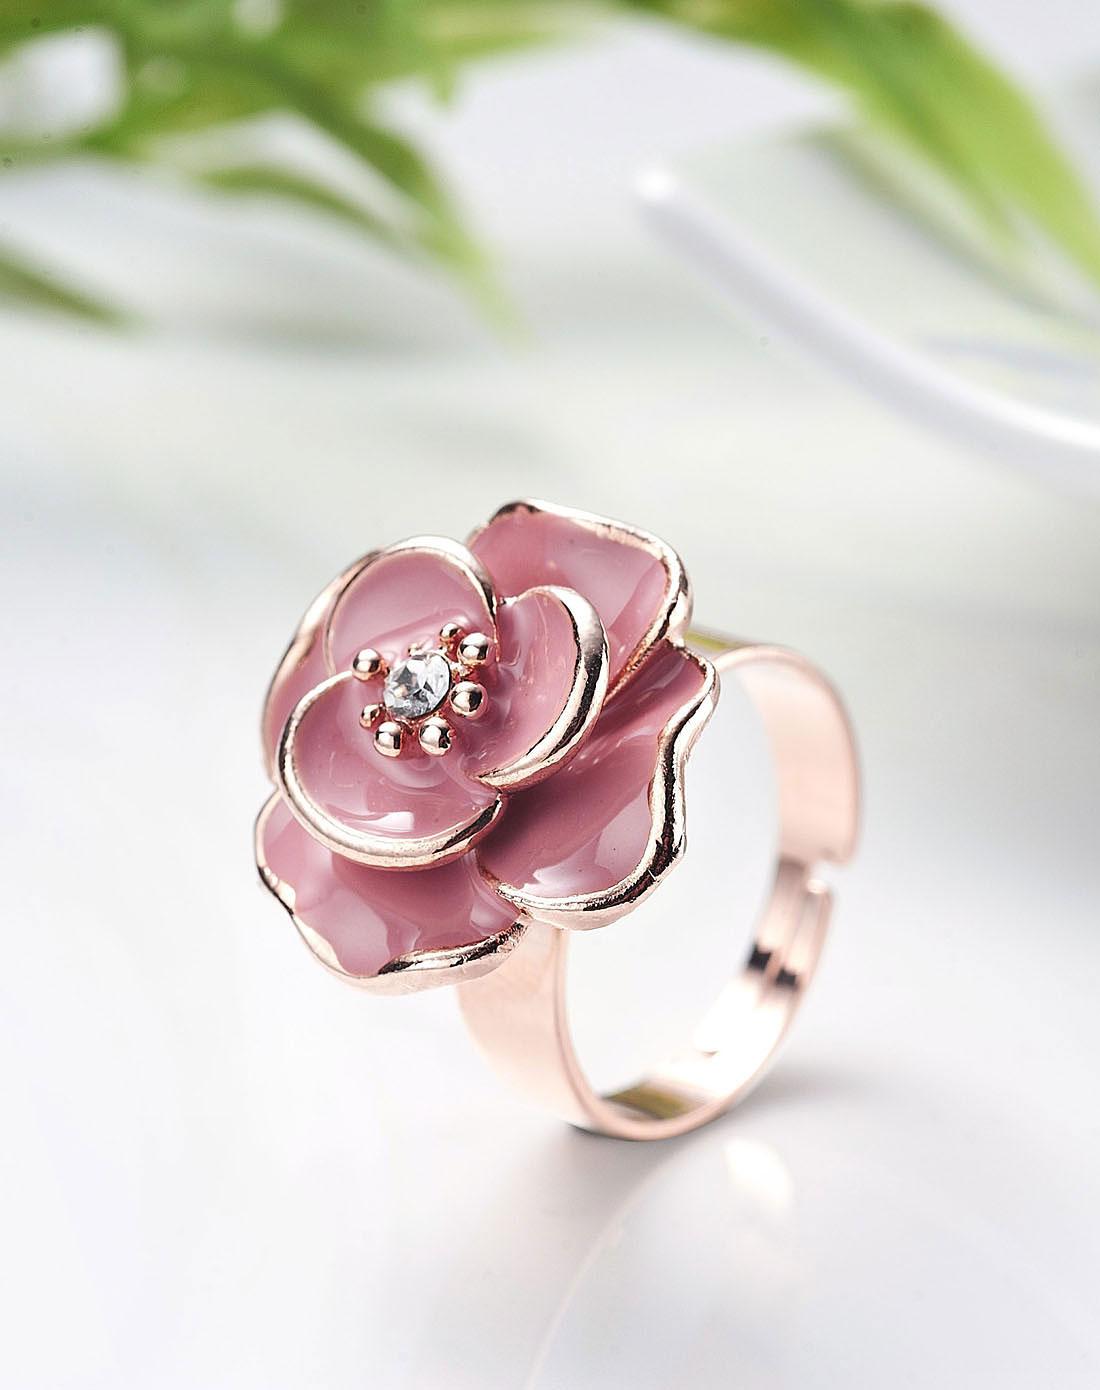 玫瑰金粉色浓情玫瑰戒指